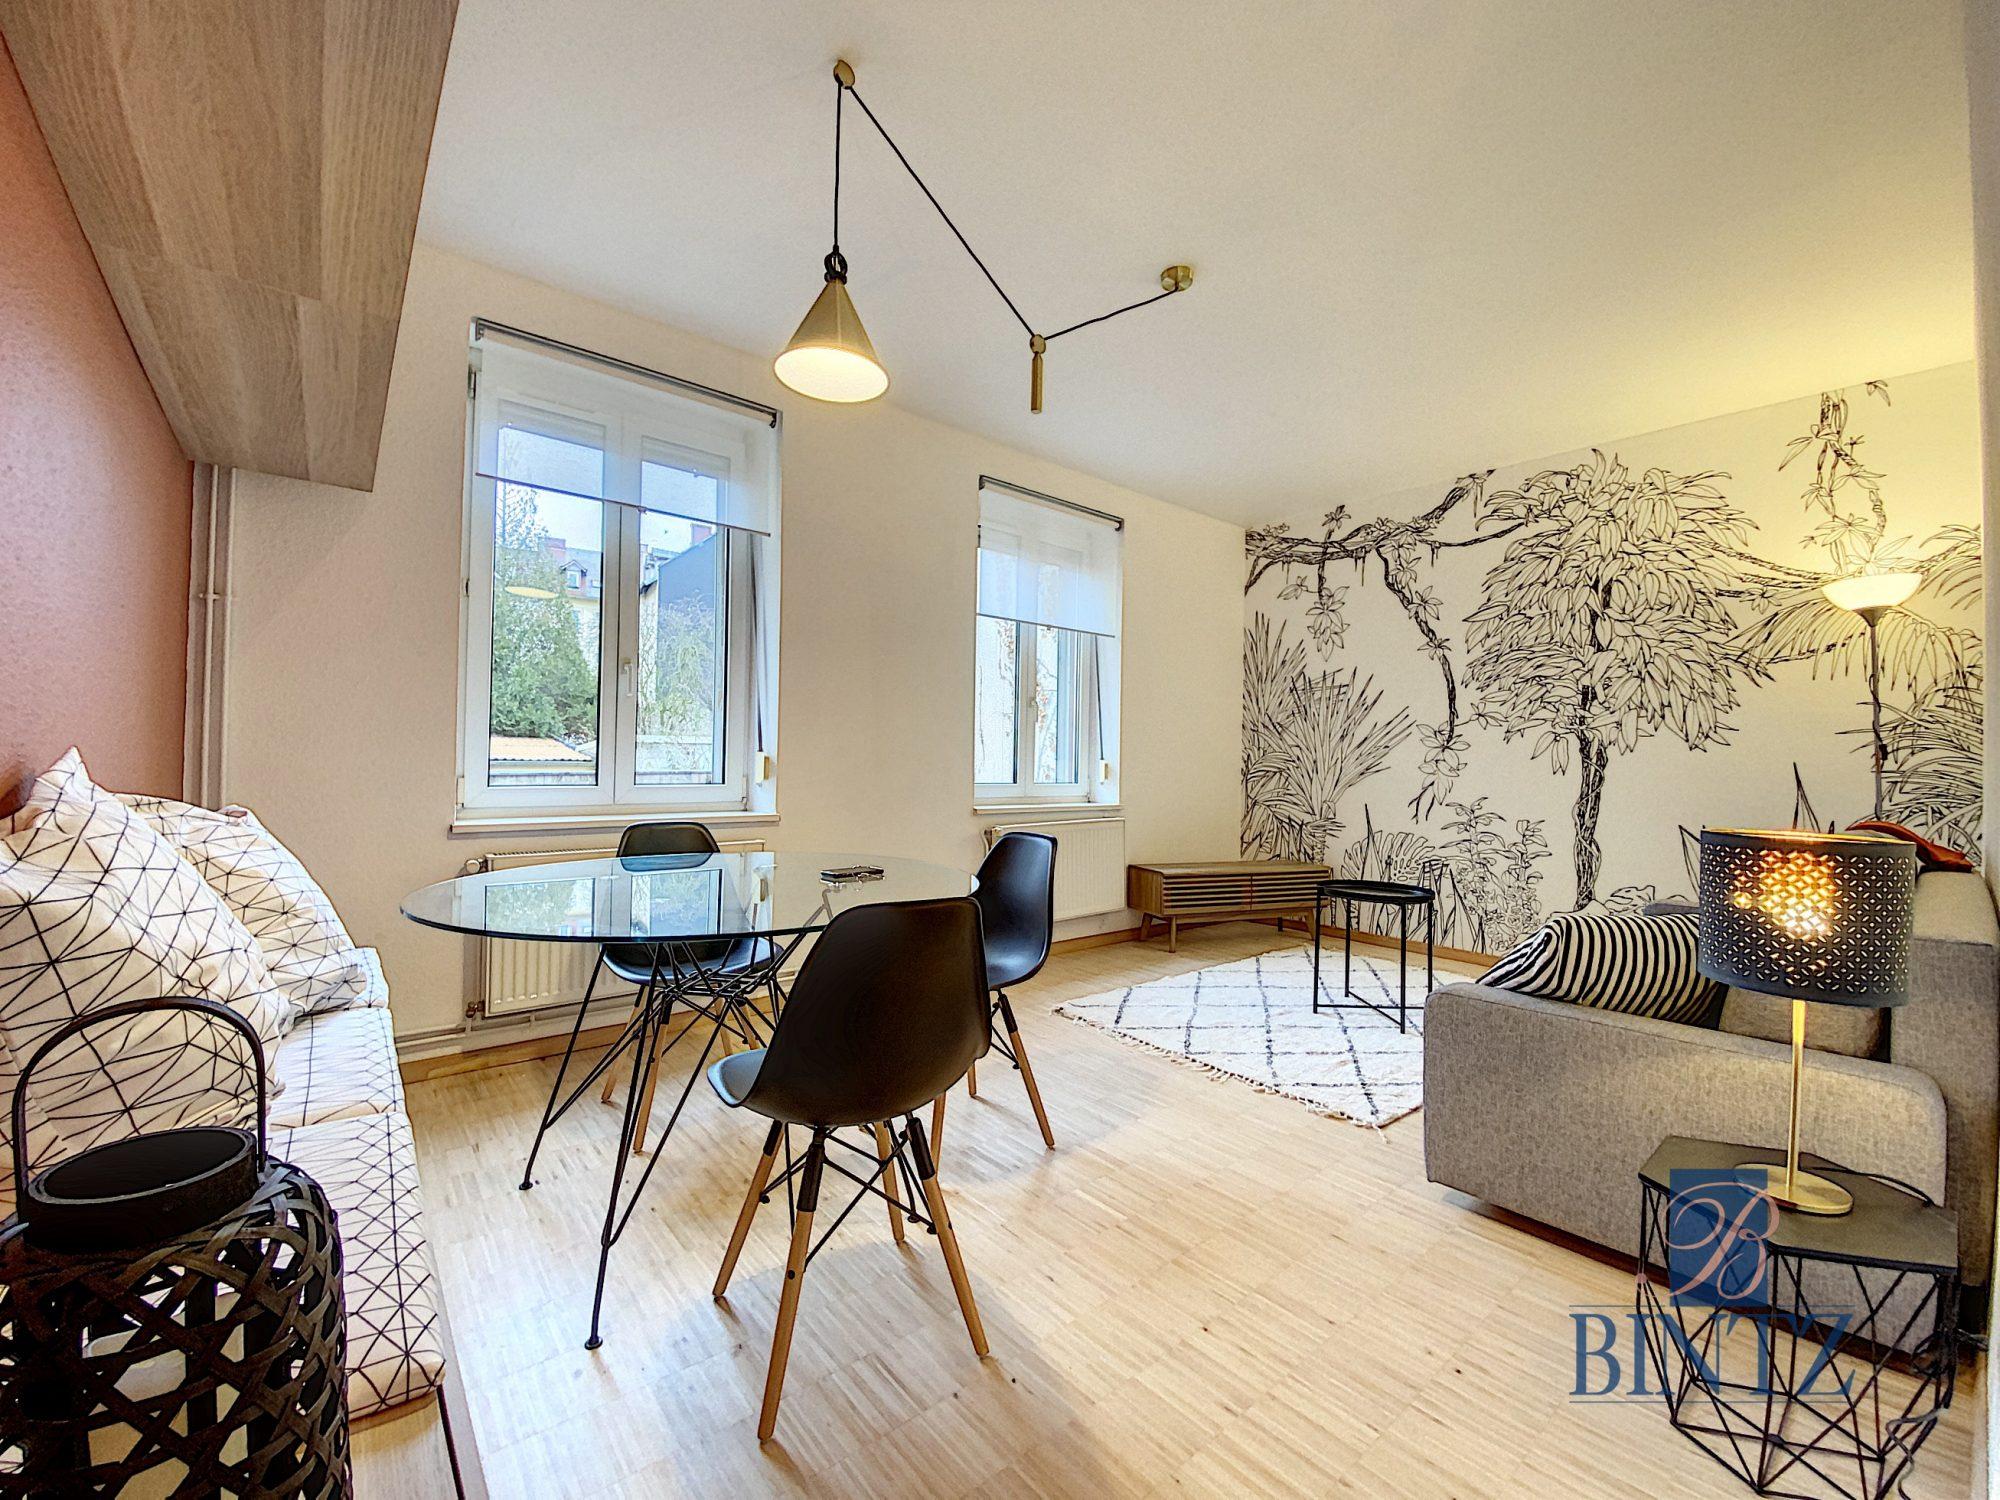 2P MEUBLÉ NEUDORF - Devenez locataire en toute sérénité - Bintz Immobilier - 1